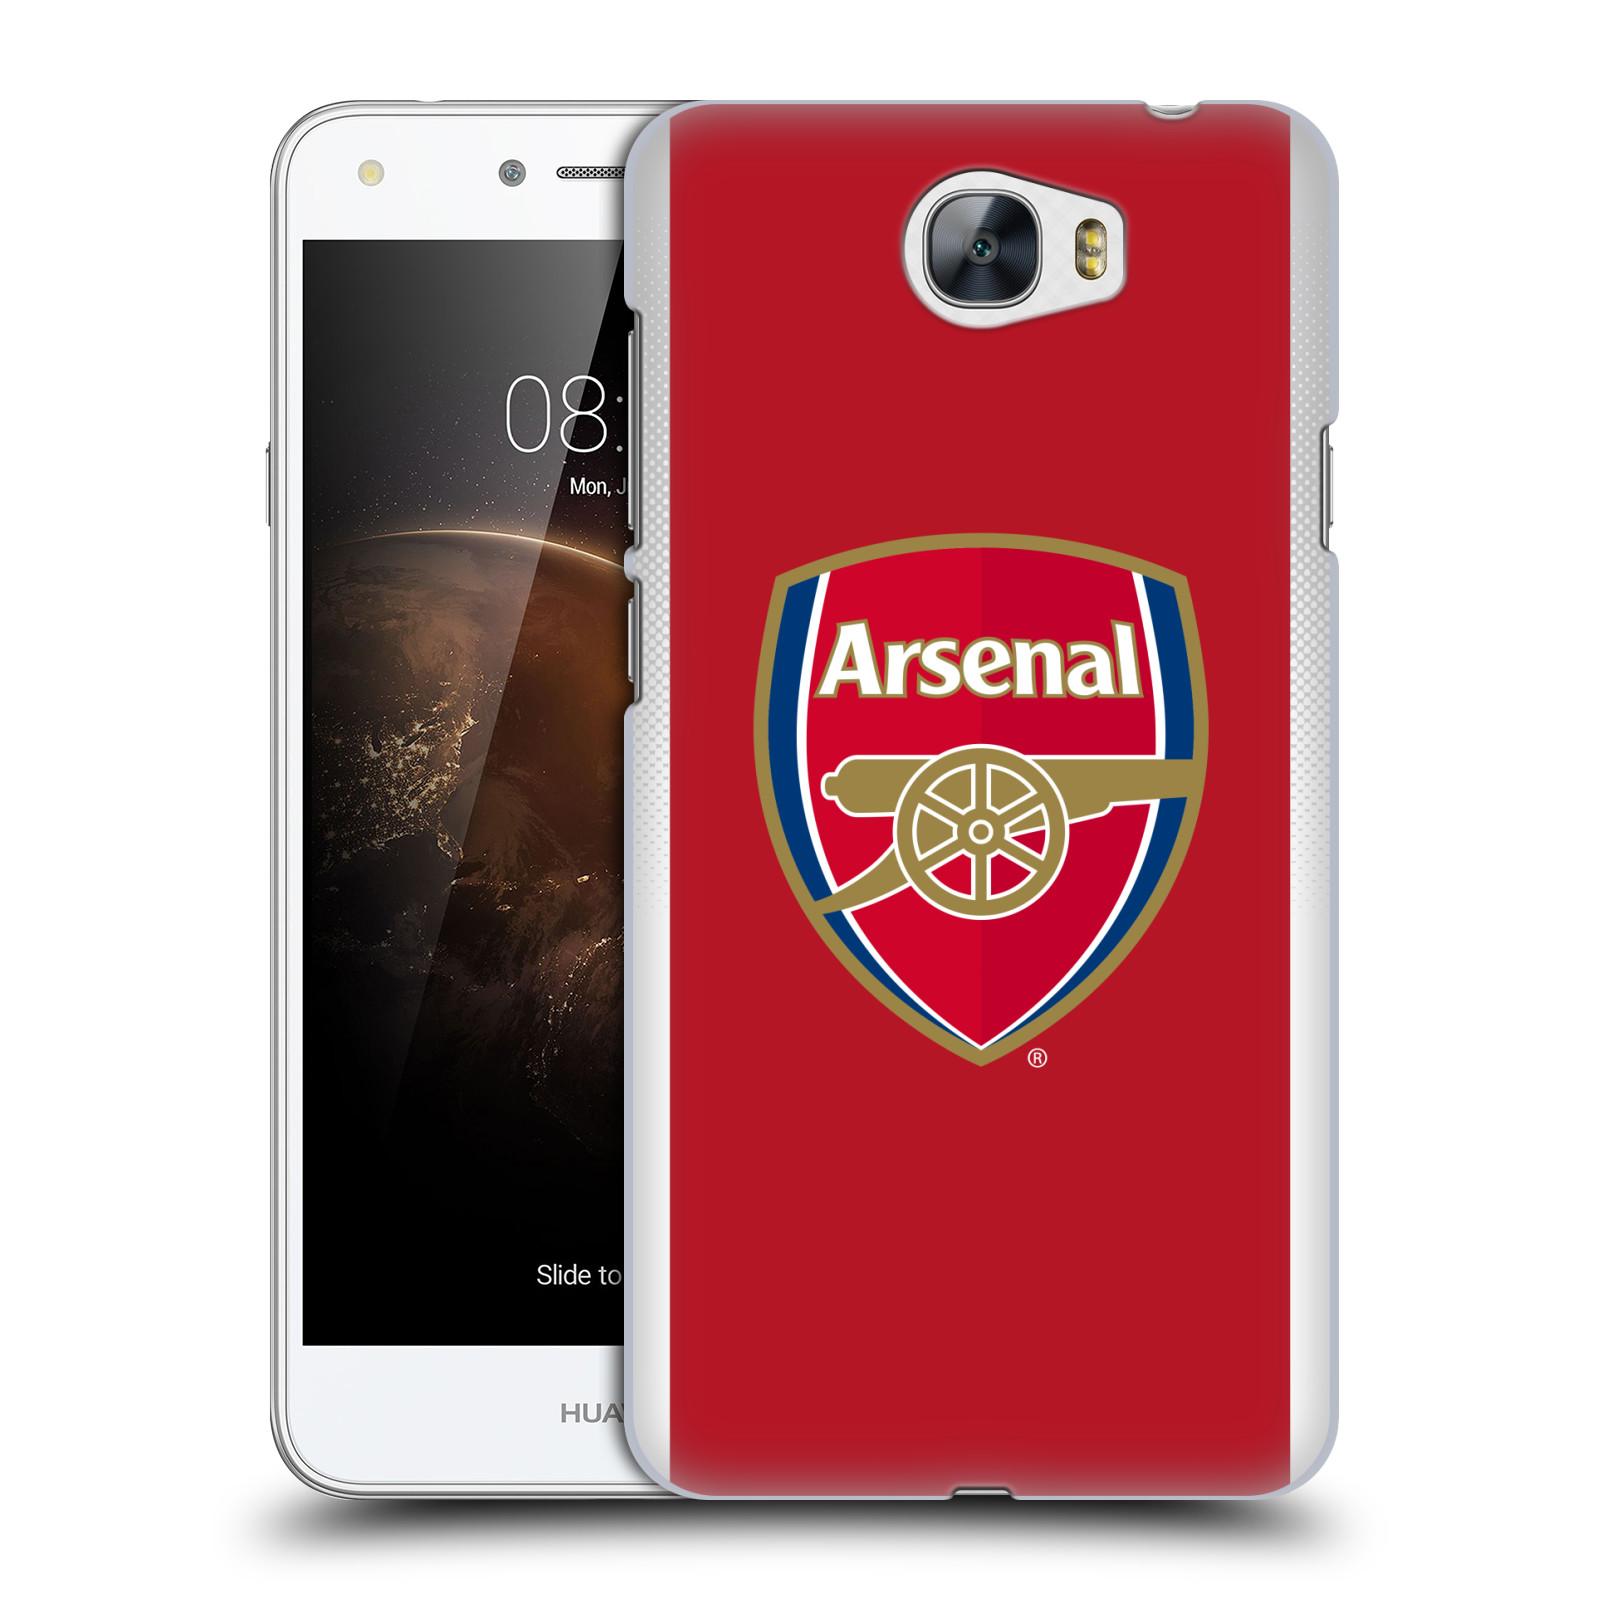 Plastové pouzdro na mobil Huawei Y5 II - Head Case - Arsenal FC - Logo klubu